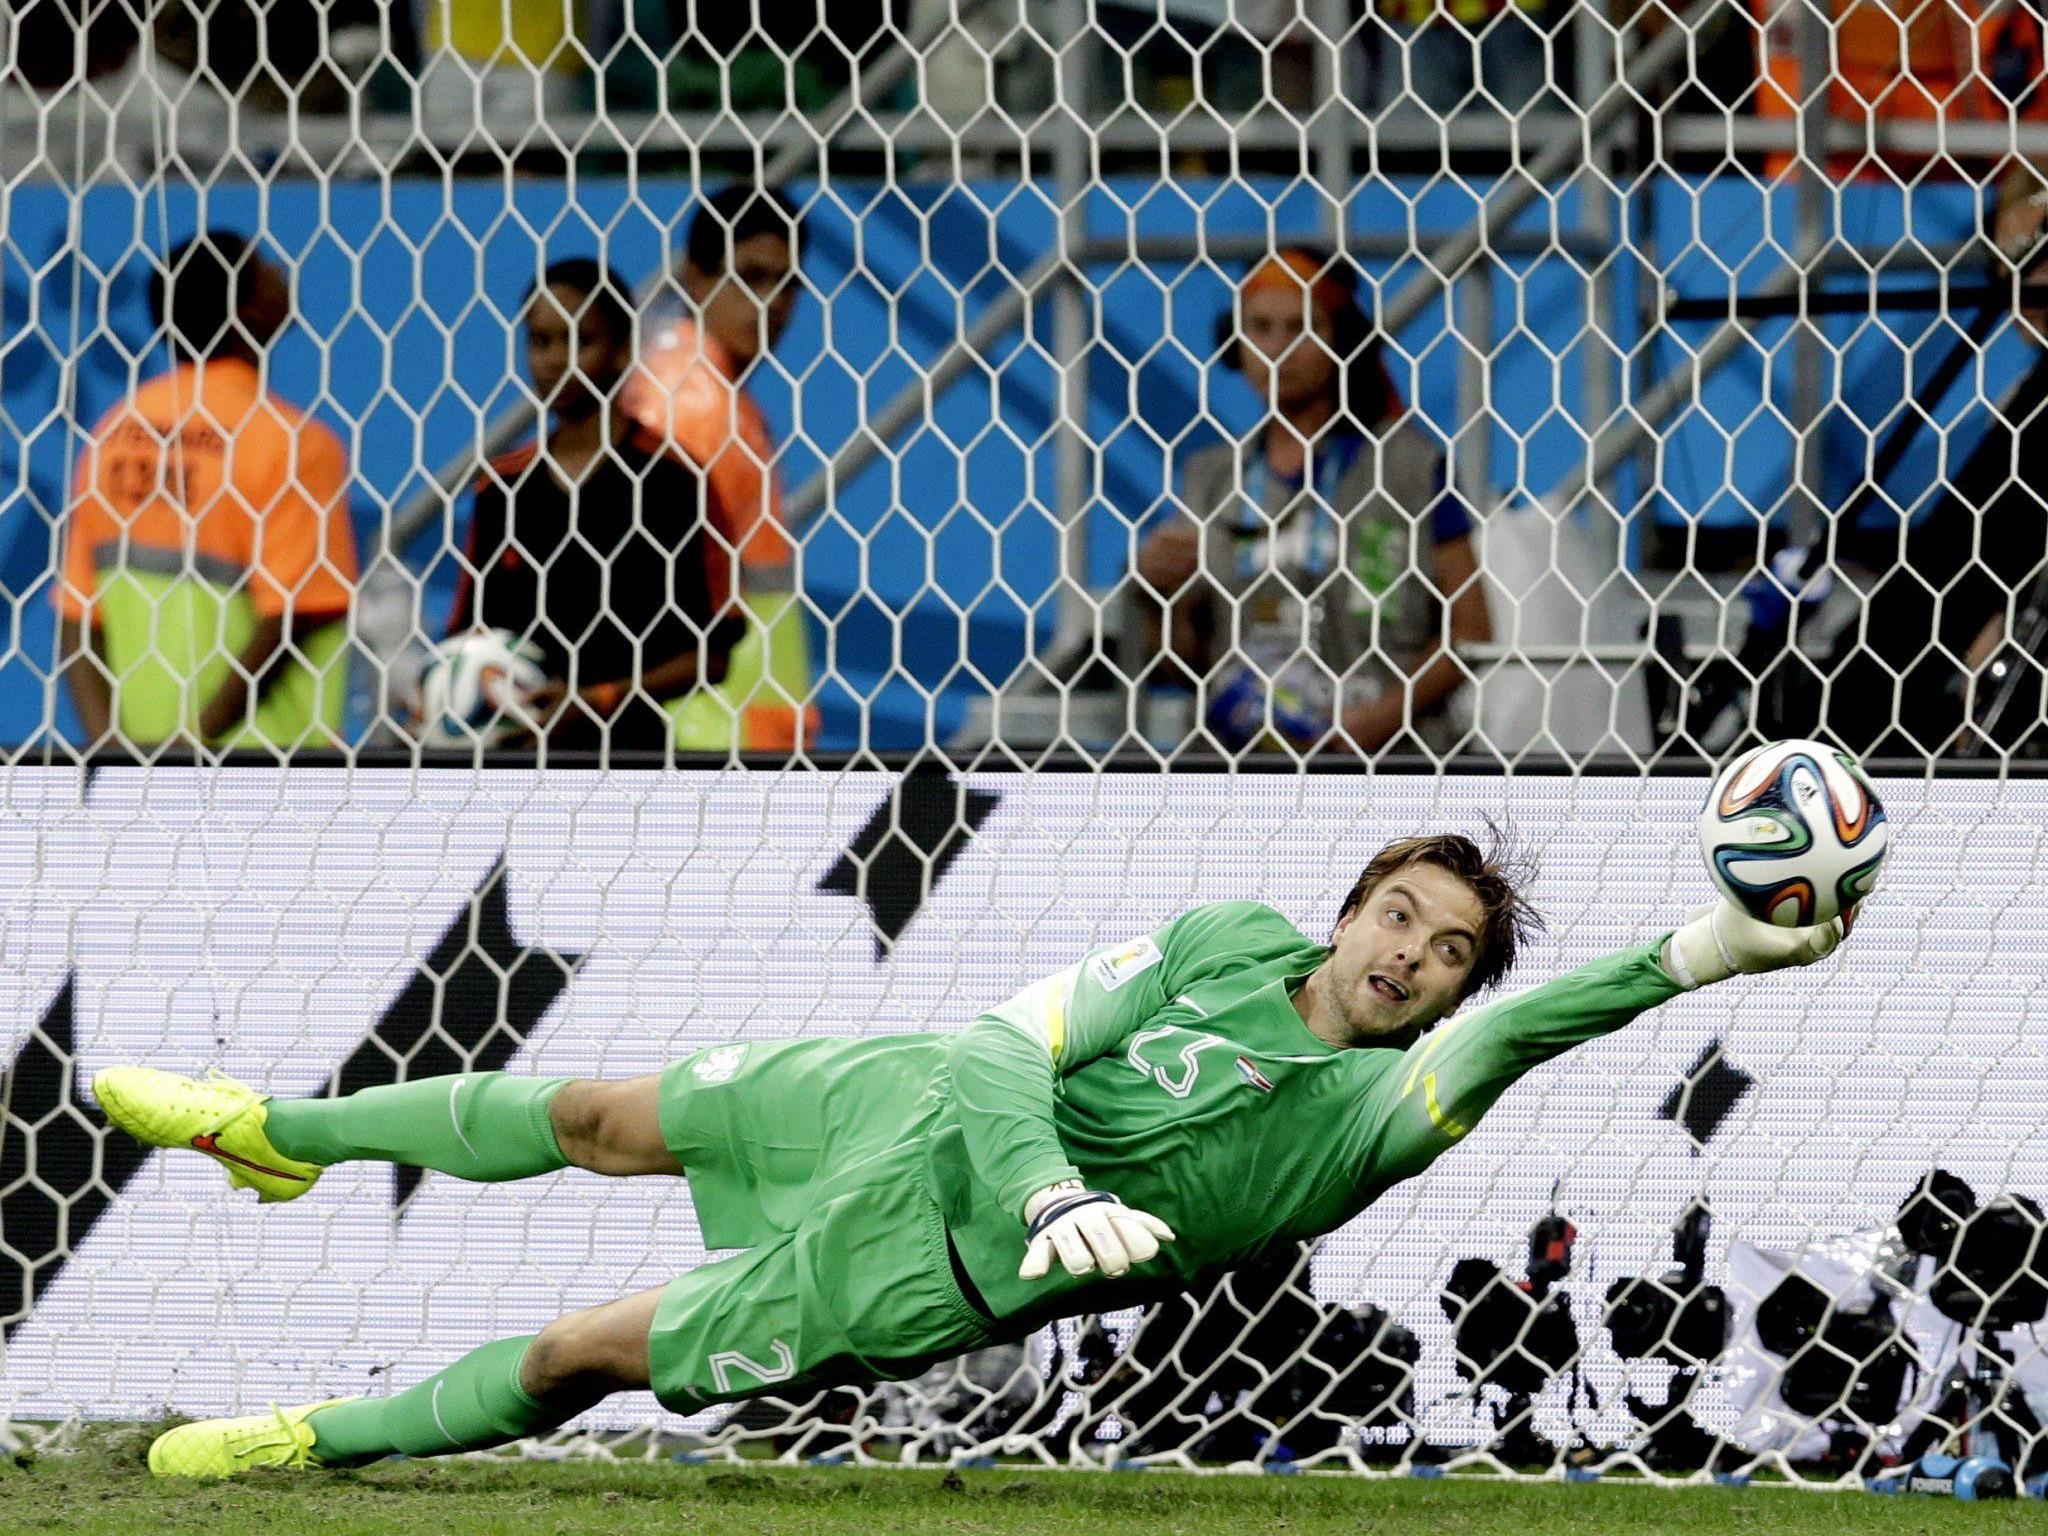 Psychotricks von Krul beim Elfmeterschießen gegen Costa Rica gingen vielen zu weit.